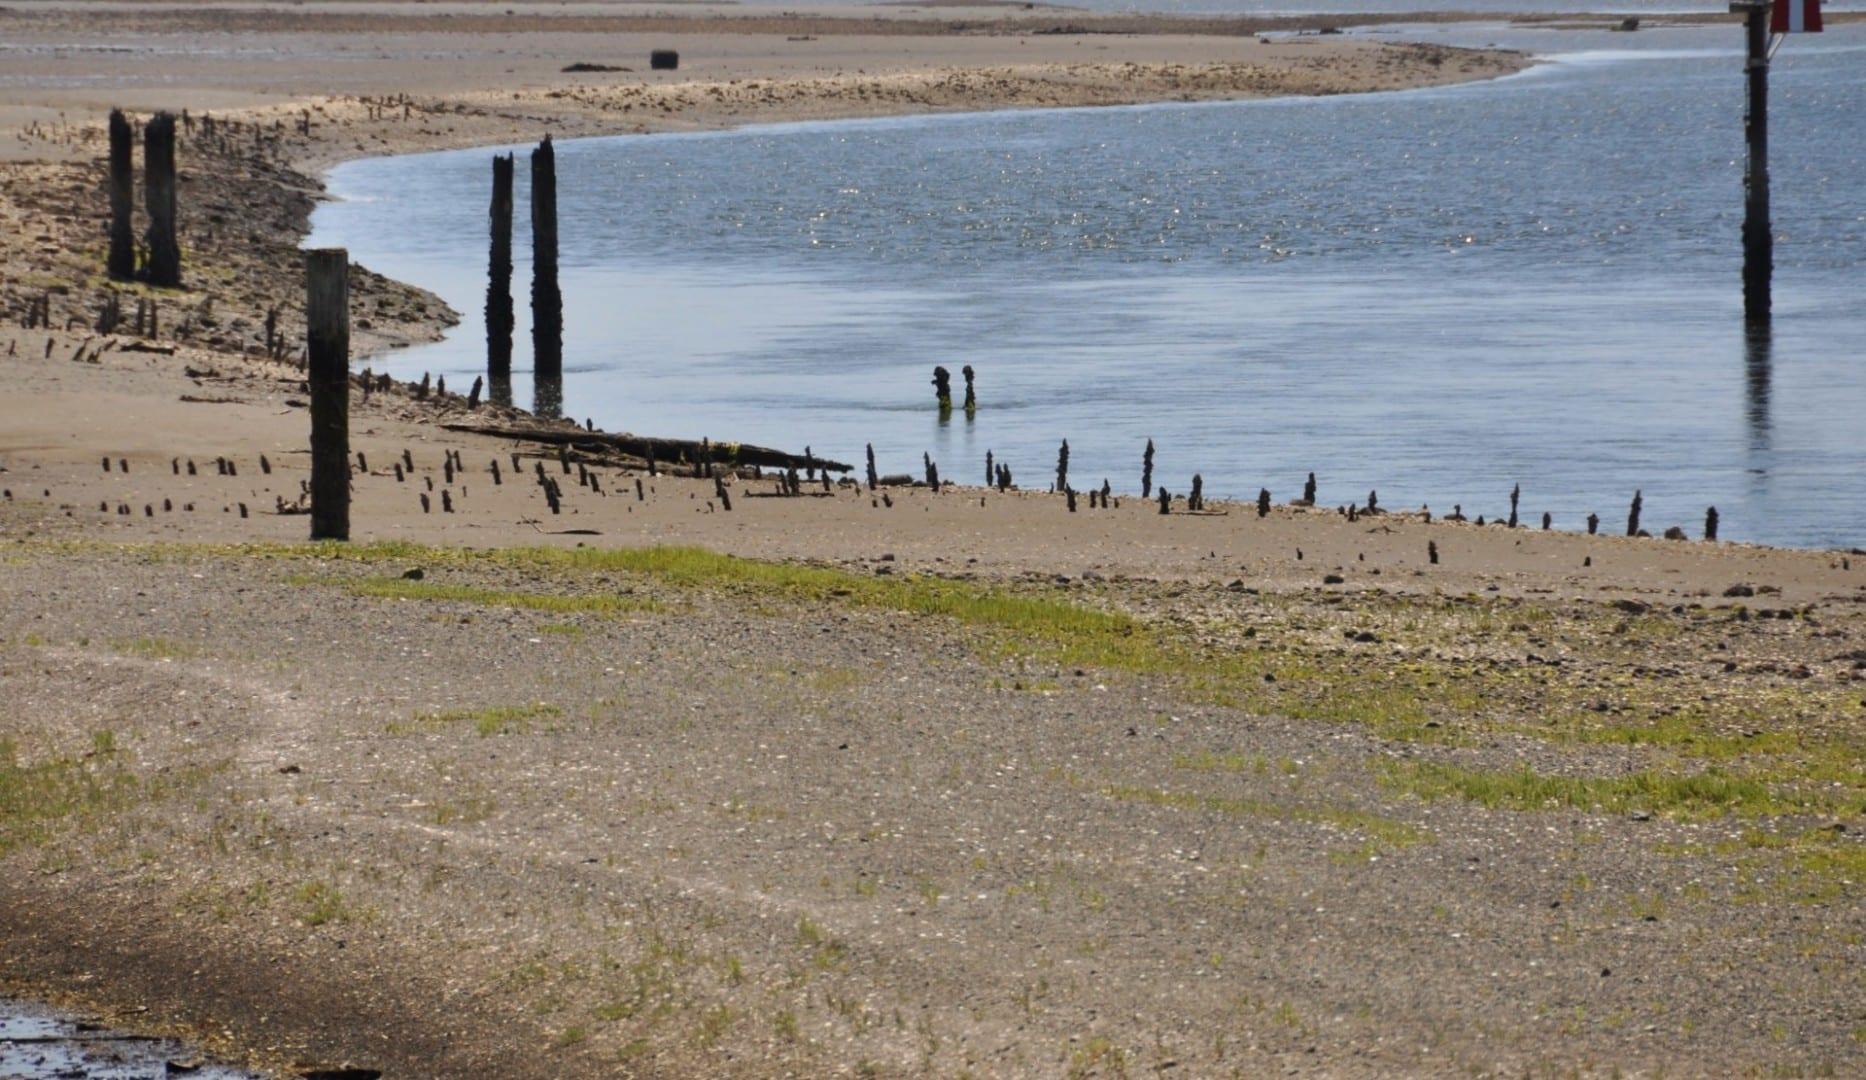 La marea baja expone miles de estacas pequeñas que alguna vez fueron usadas por las Primeras Naciones de Coast Salish para pescar en los embalses. Comox Canadá